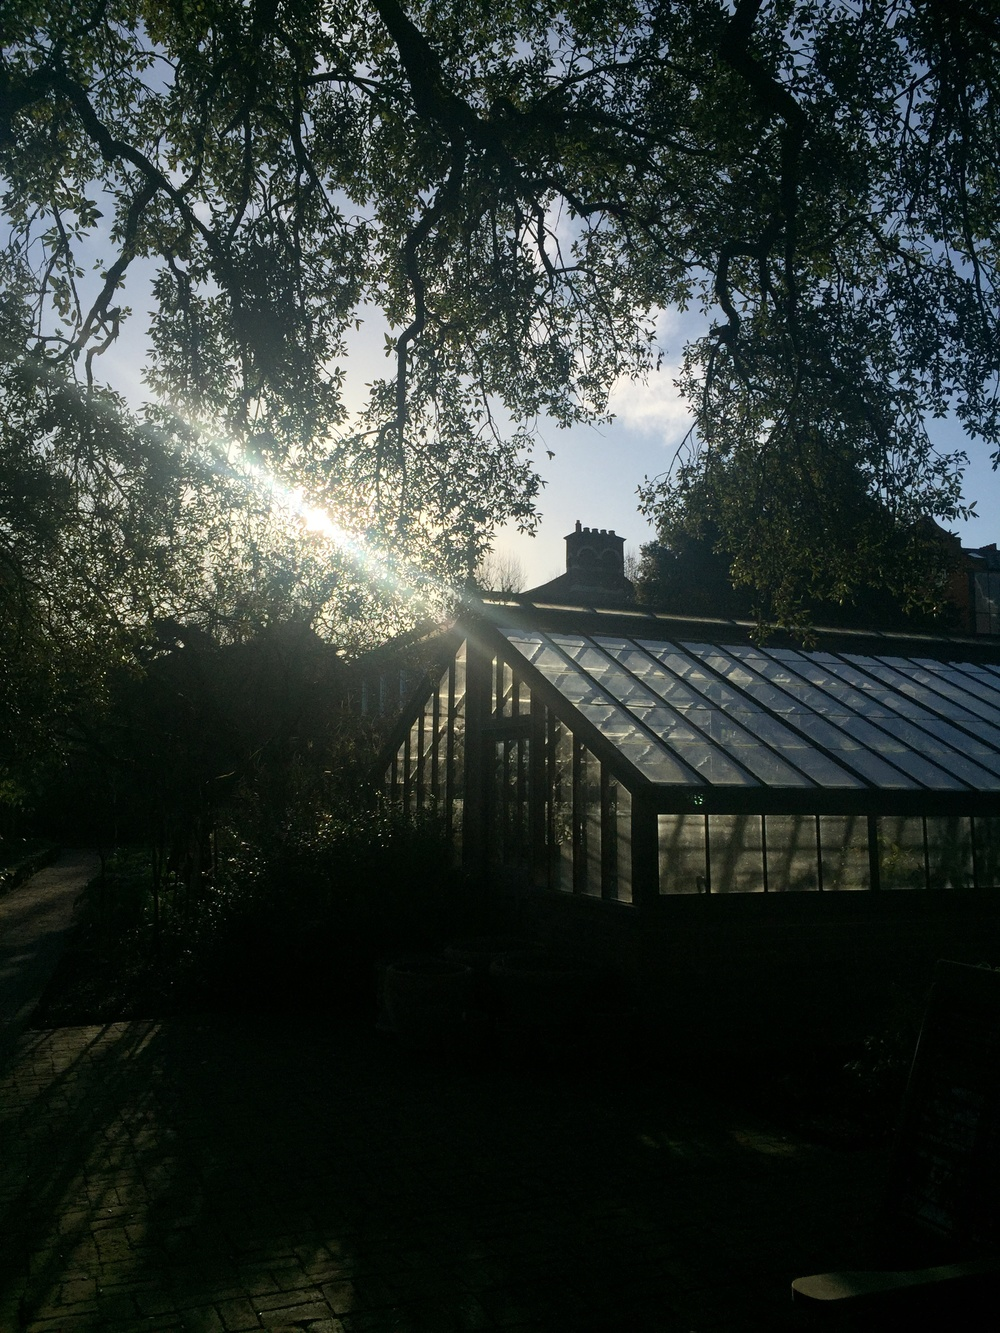 Chealsea Physic Garden | Makelight